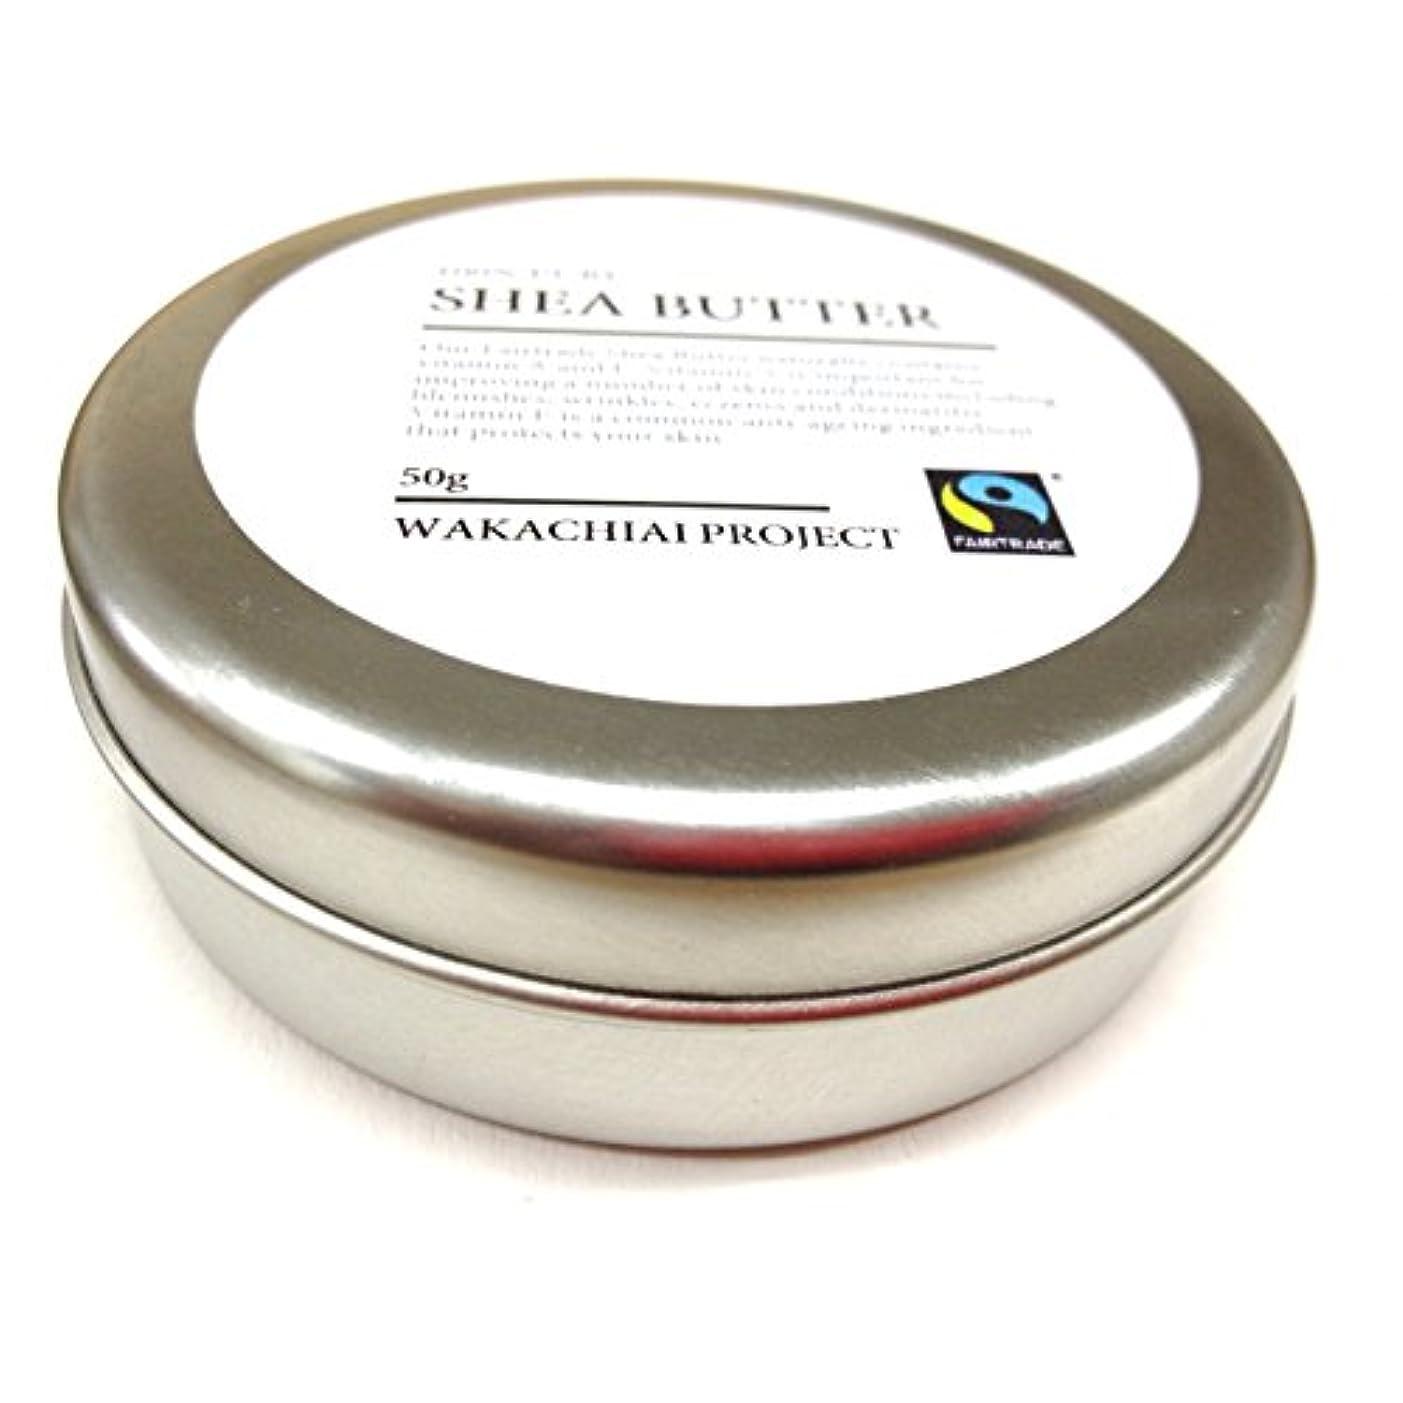 偽ジャーナルわずかにマリ産ピュアシアバター 未精製 50g入り / Unrefined Fairtrade Shea Butter from Mali